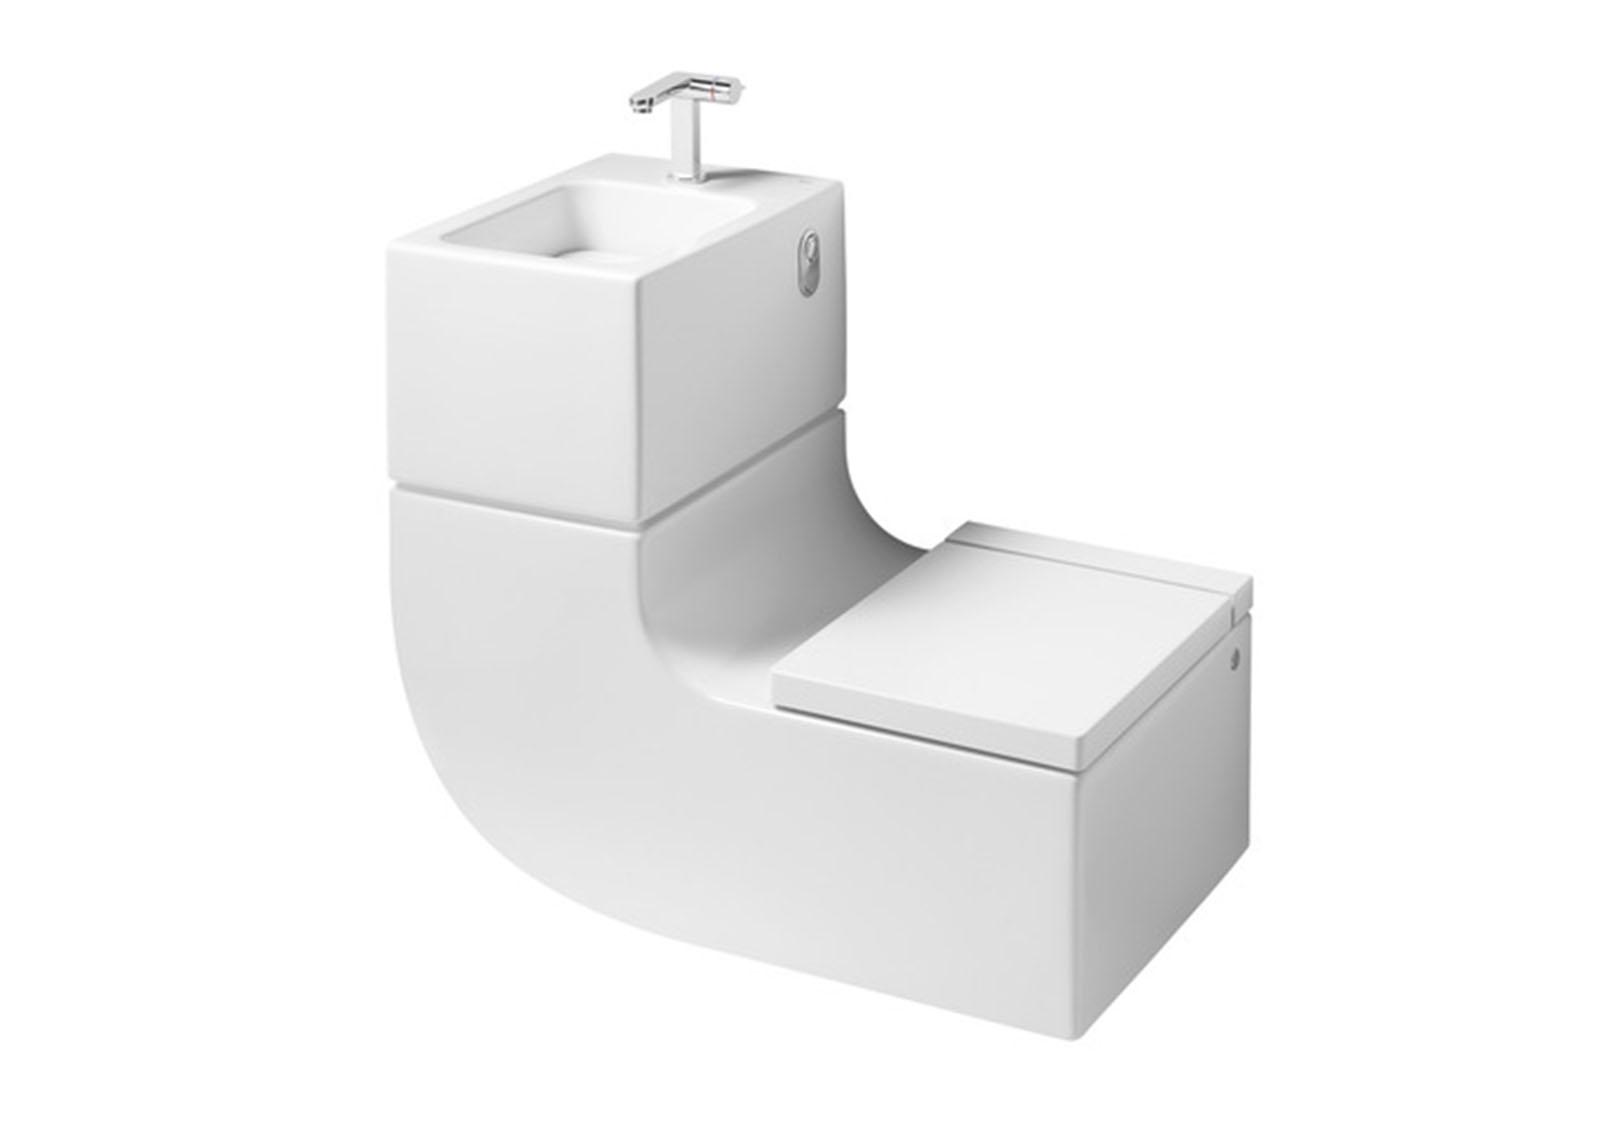 Amenagement salle de bain petit espace viving - Amenagement salle de bain petit espace ...